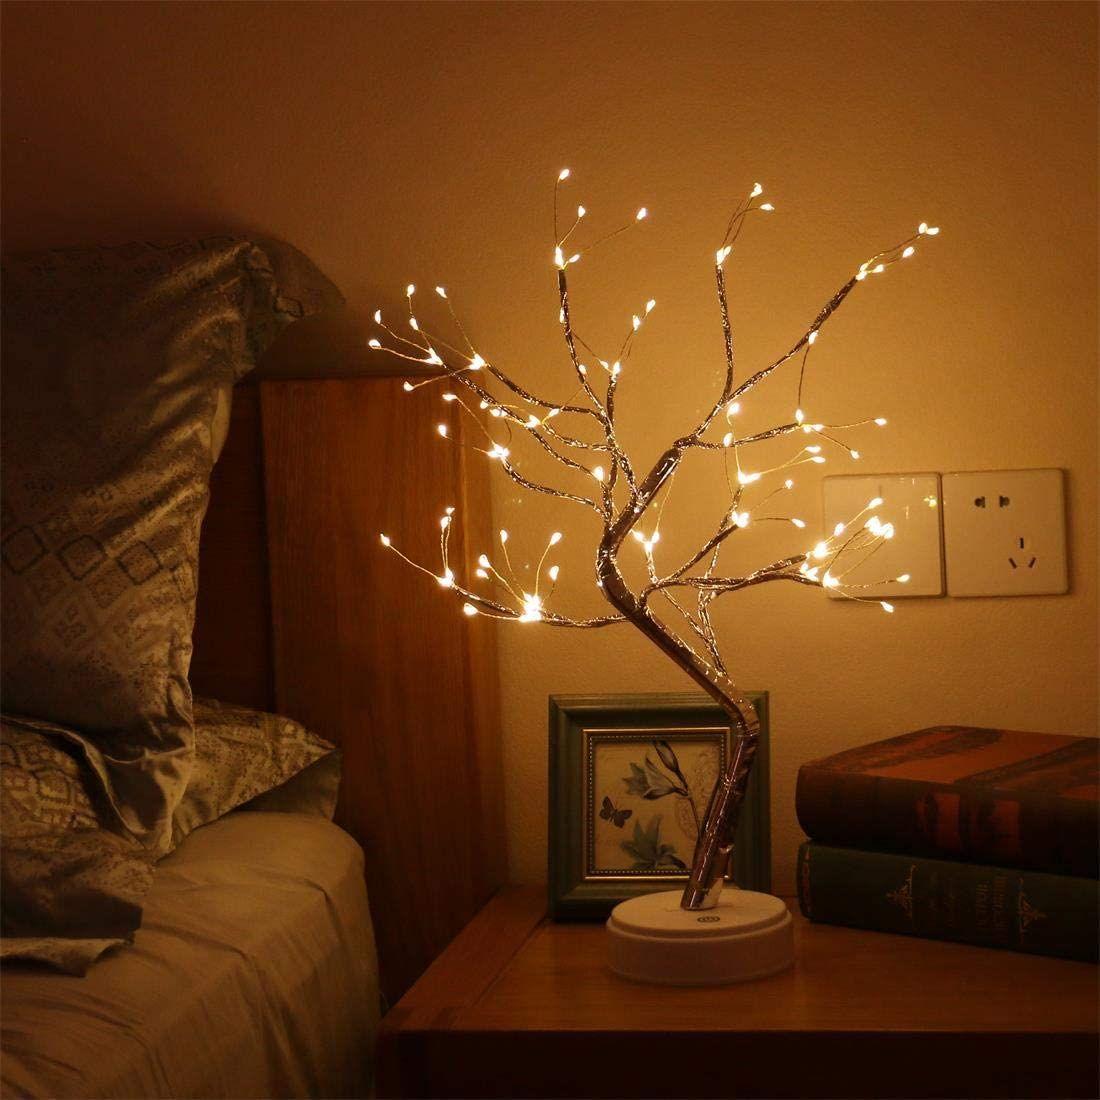 108 LEDS Arbre artificiel Lumière artificielle, 20 pouces Bonsaï Tree Desk table LED Lampe lumineuses avec 16 branches, décoration de la chambre à coucher